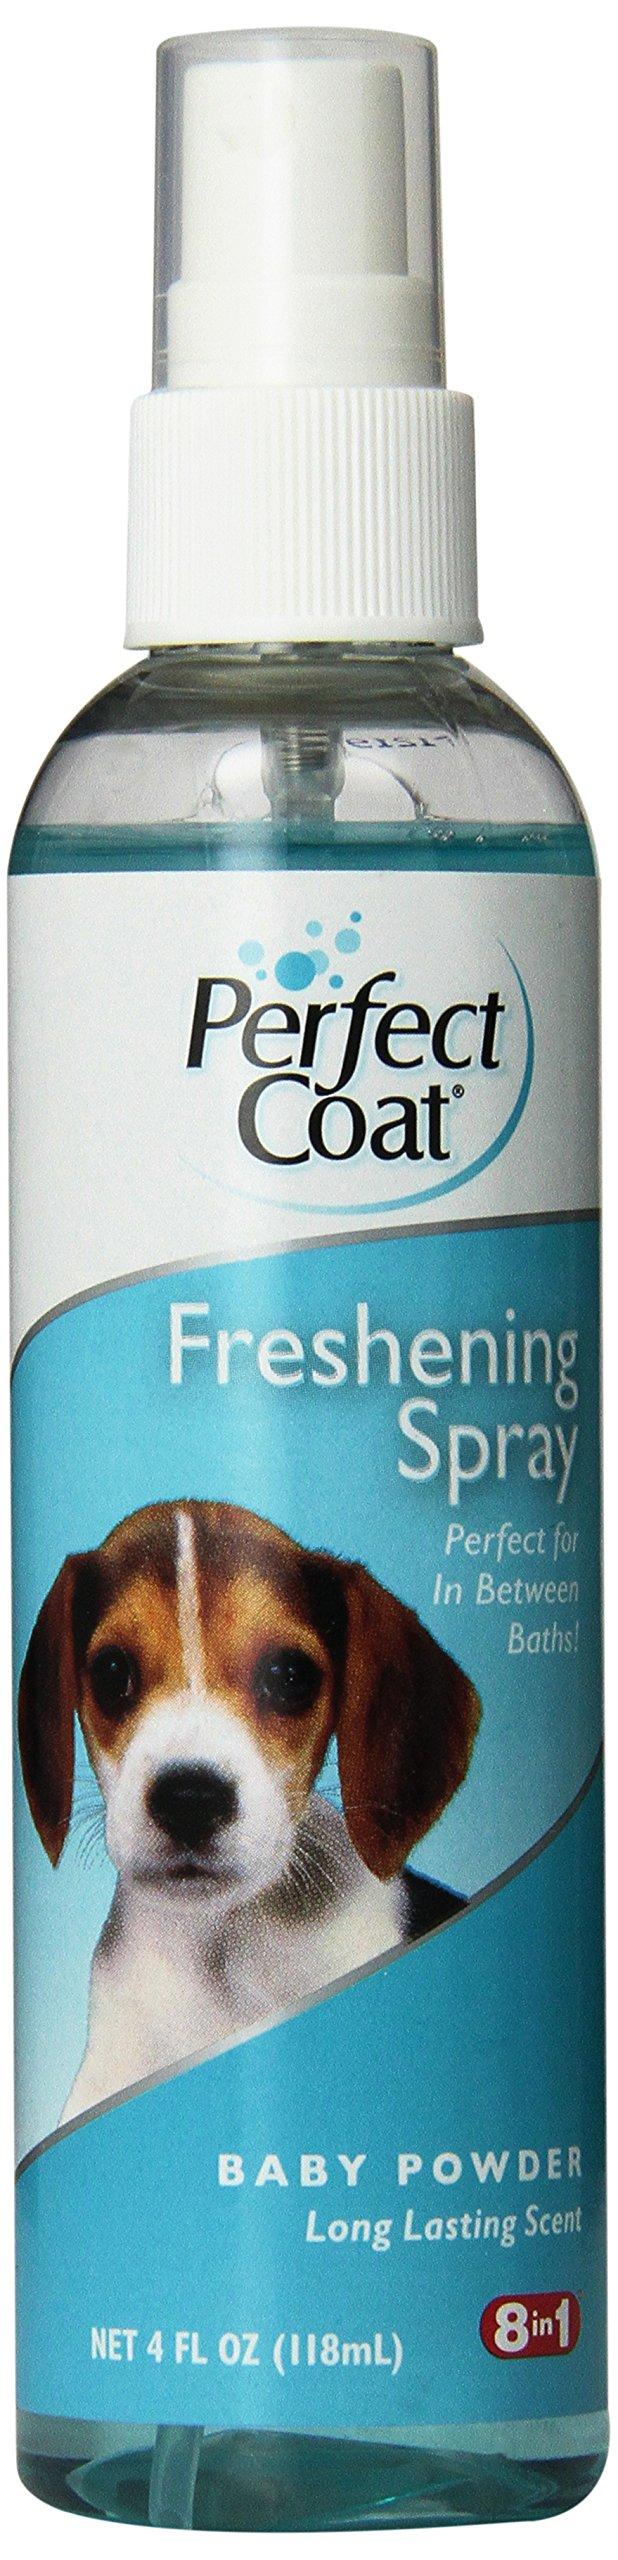 Perfect Coat Freshening Spray - Baby Powder - 4 oz